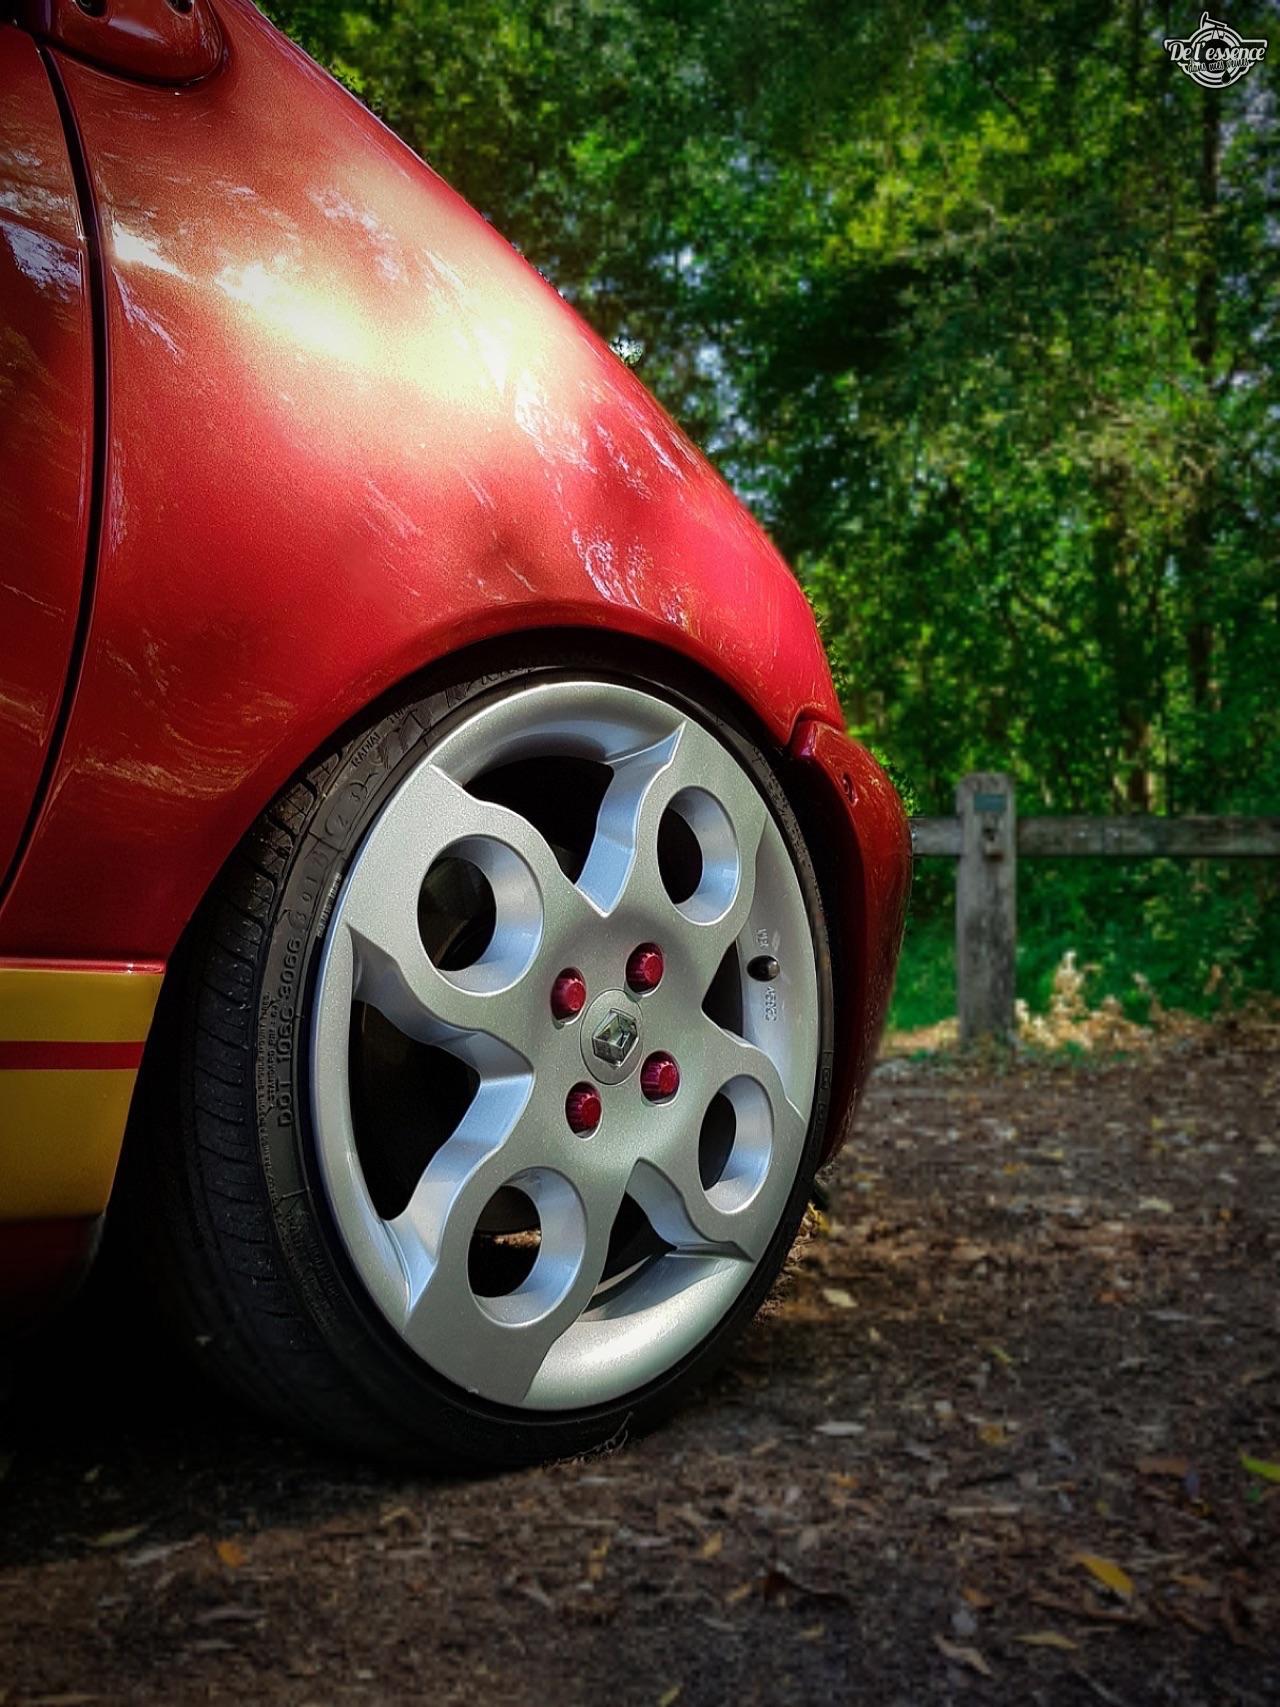 Renault Twingo - En rouge et or ! 7